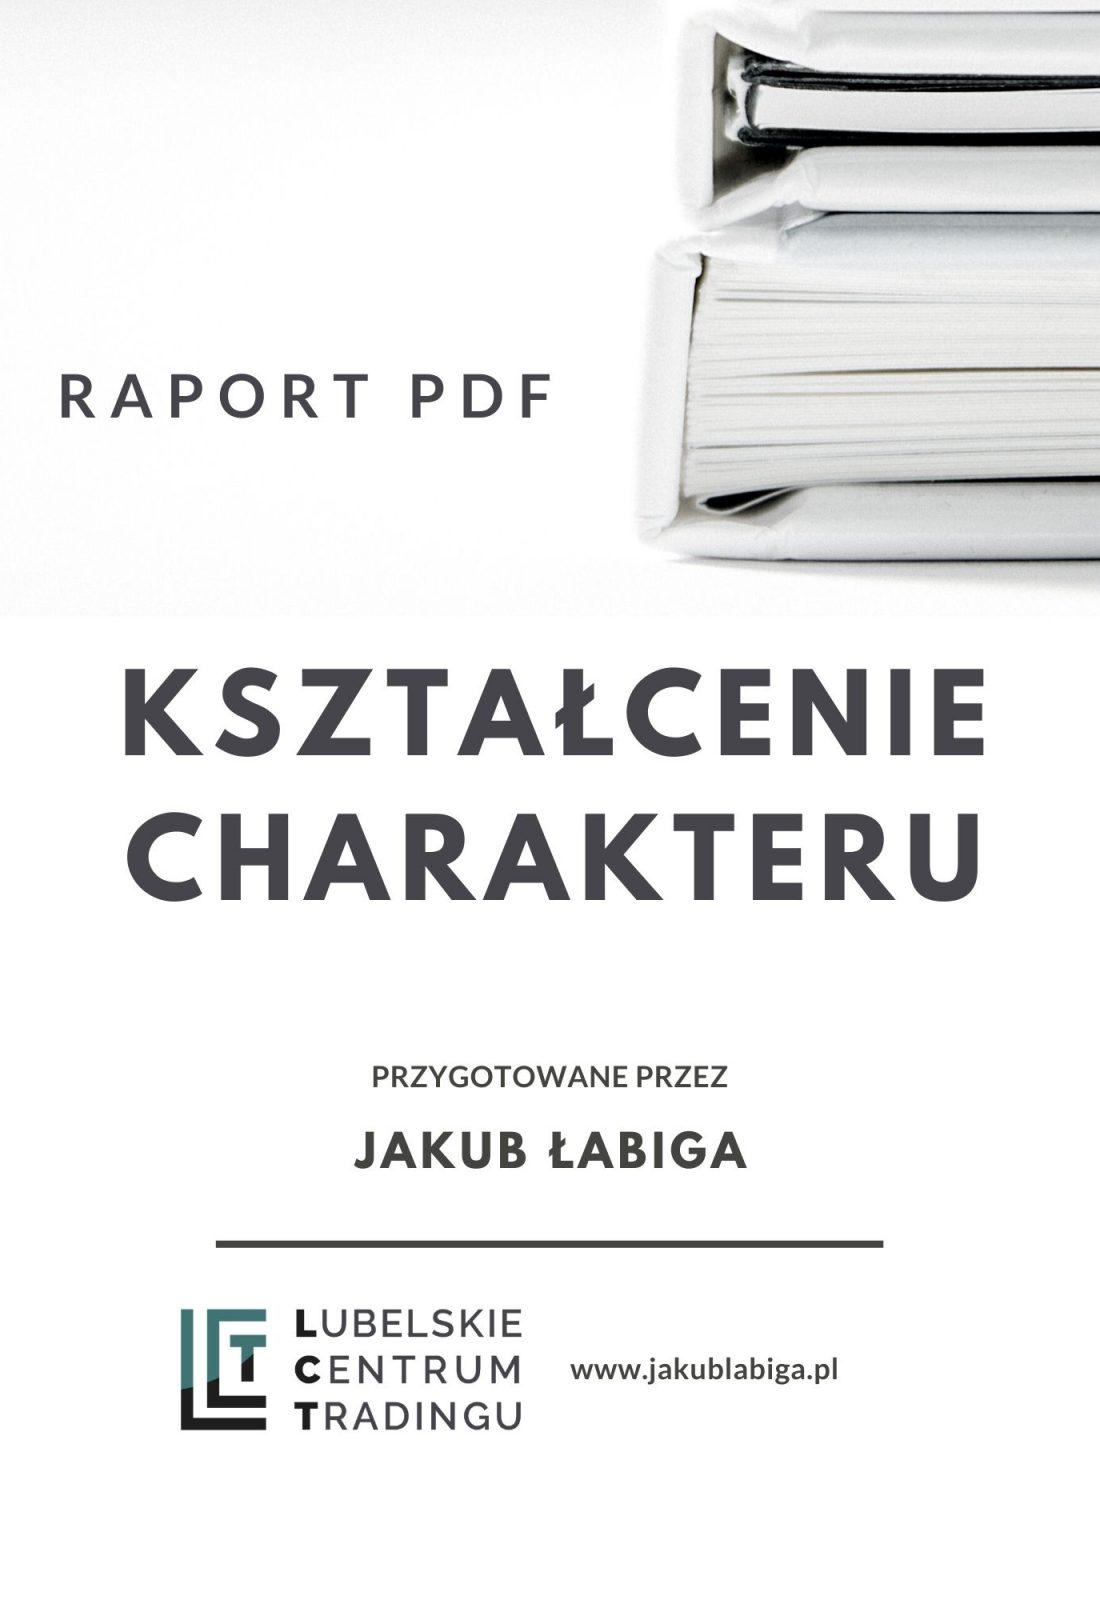 Raport Kształcenie charakteru